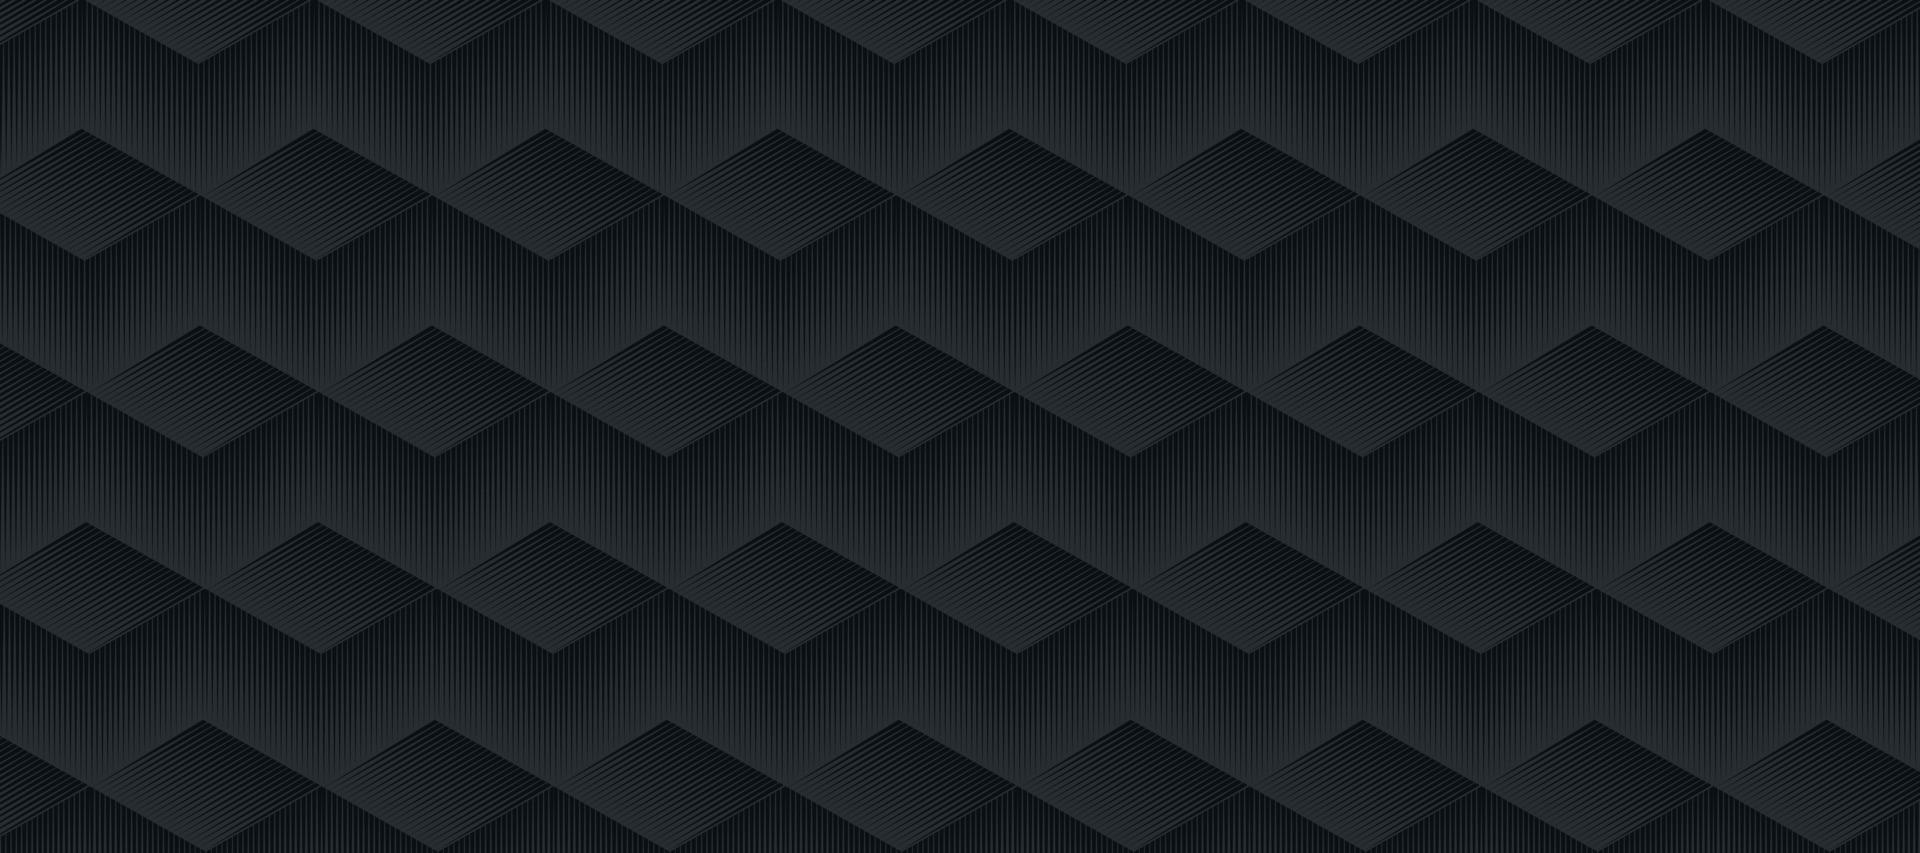 disegno astratto del modello a strisce grigie e nere del fondo di progettazione di tecnologia. modello di stile moderno elemento geometrico. illustrazione vettoriale